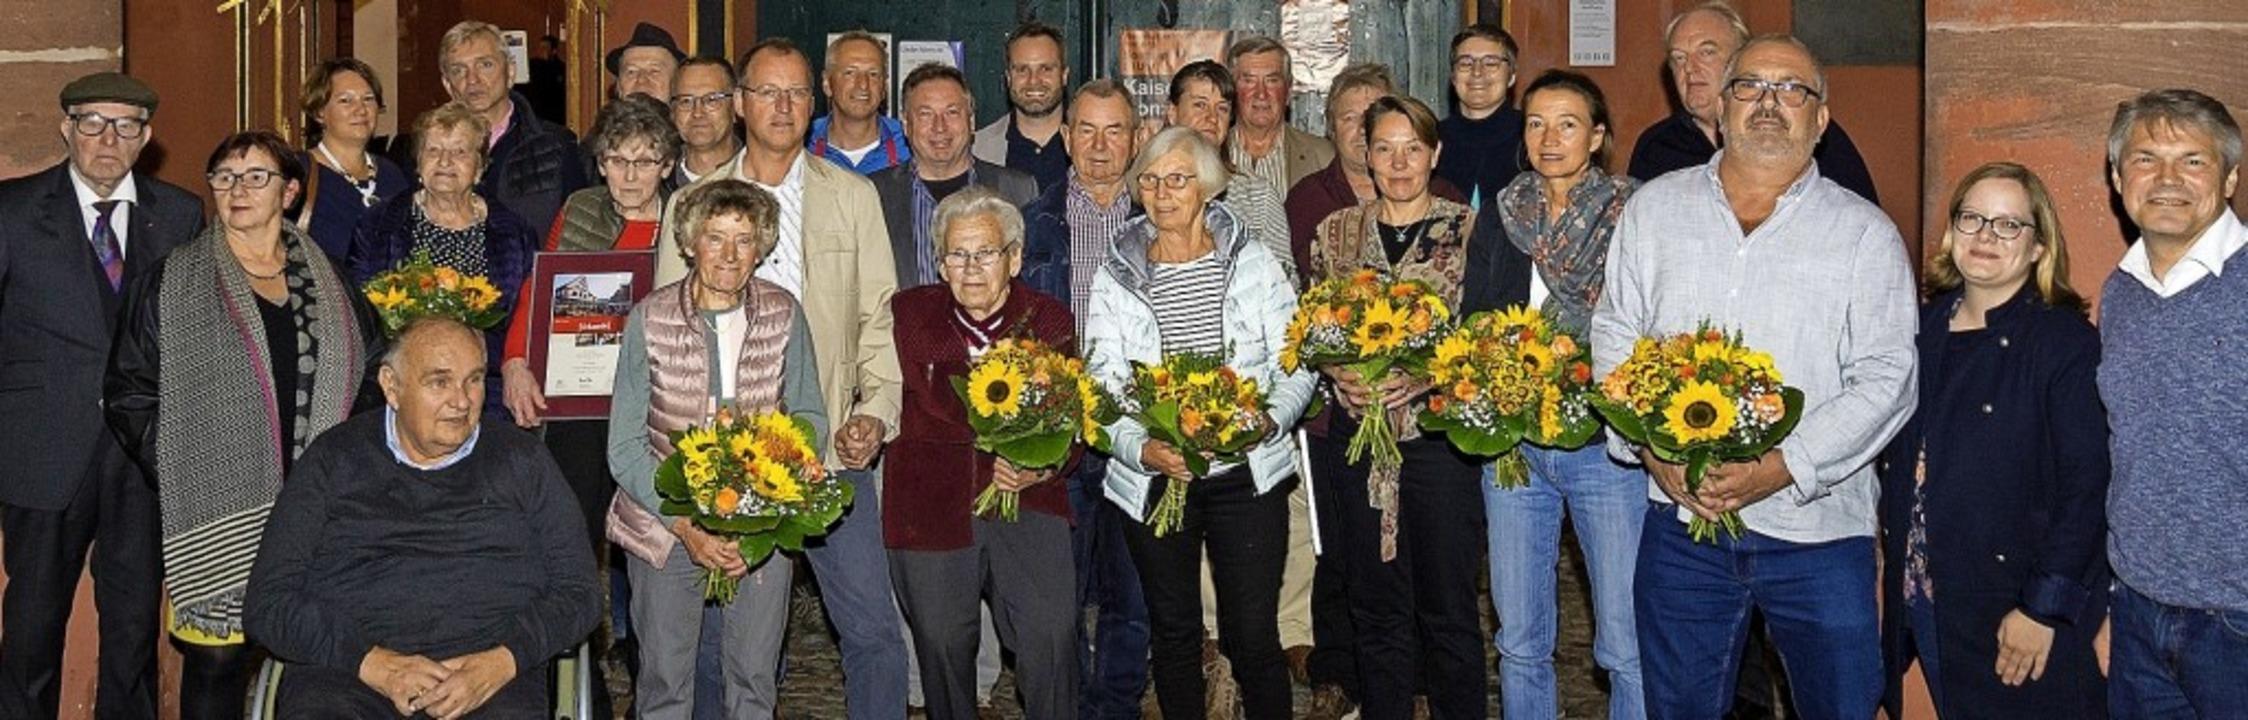 Die geehrten langjährigen Beschicker des Freiburger Münstermarkts     Foto: FWTM / Daniel Schoenen